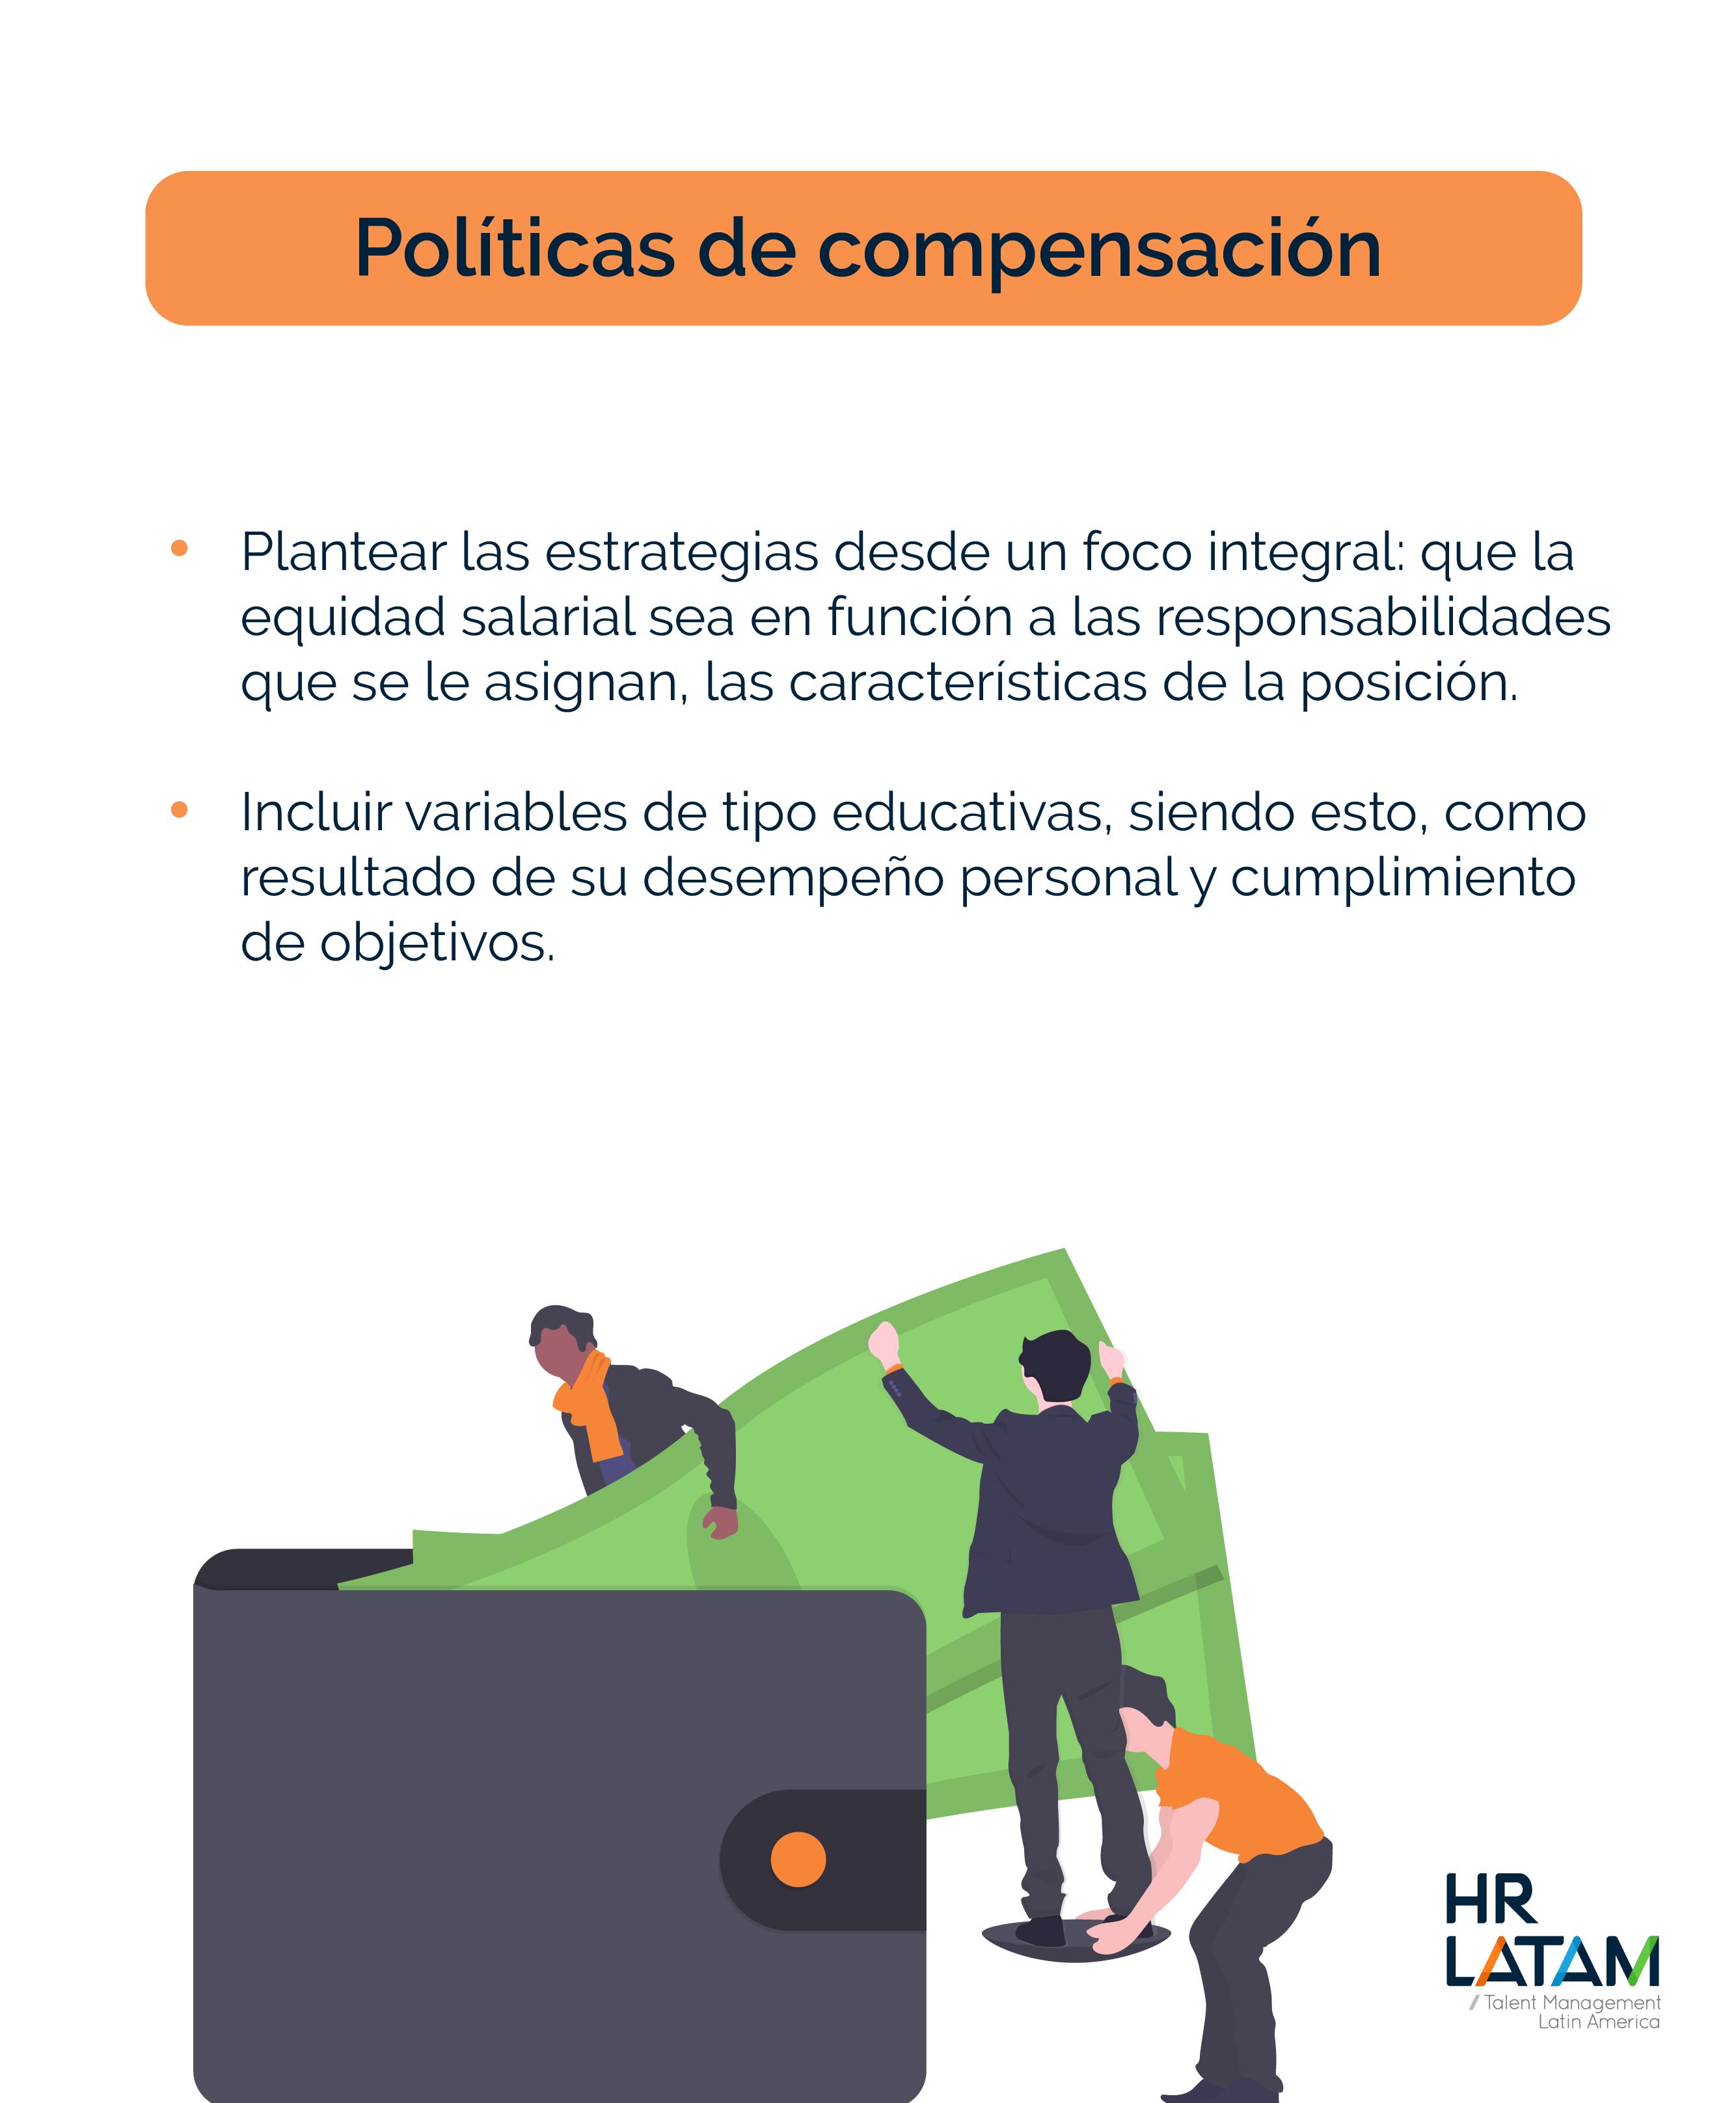 Políticas de compensación